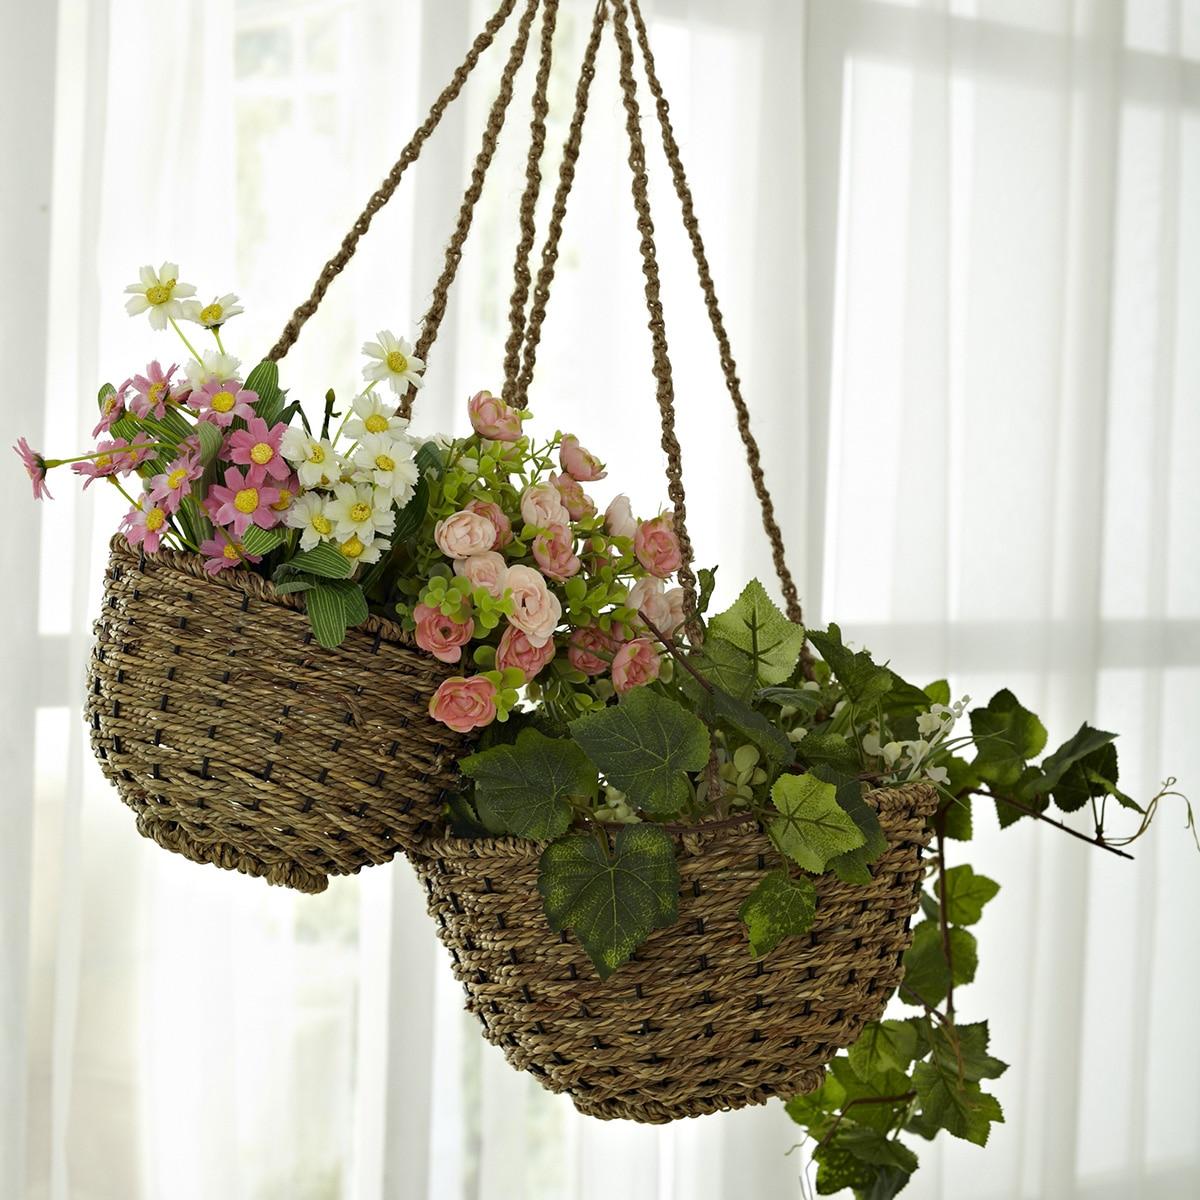 Подвесные кашпо для цветов своими руками фото